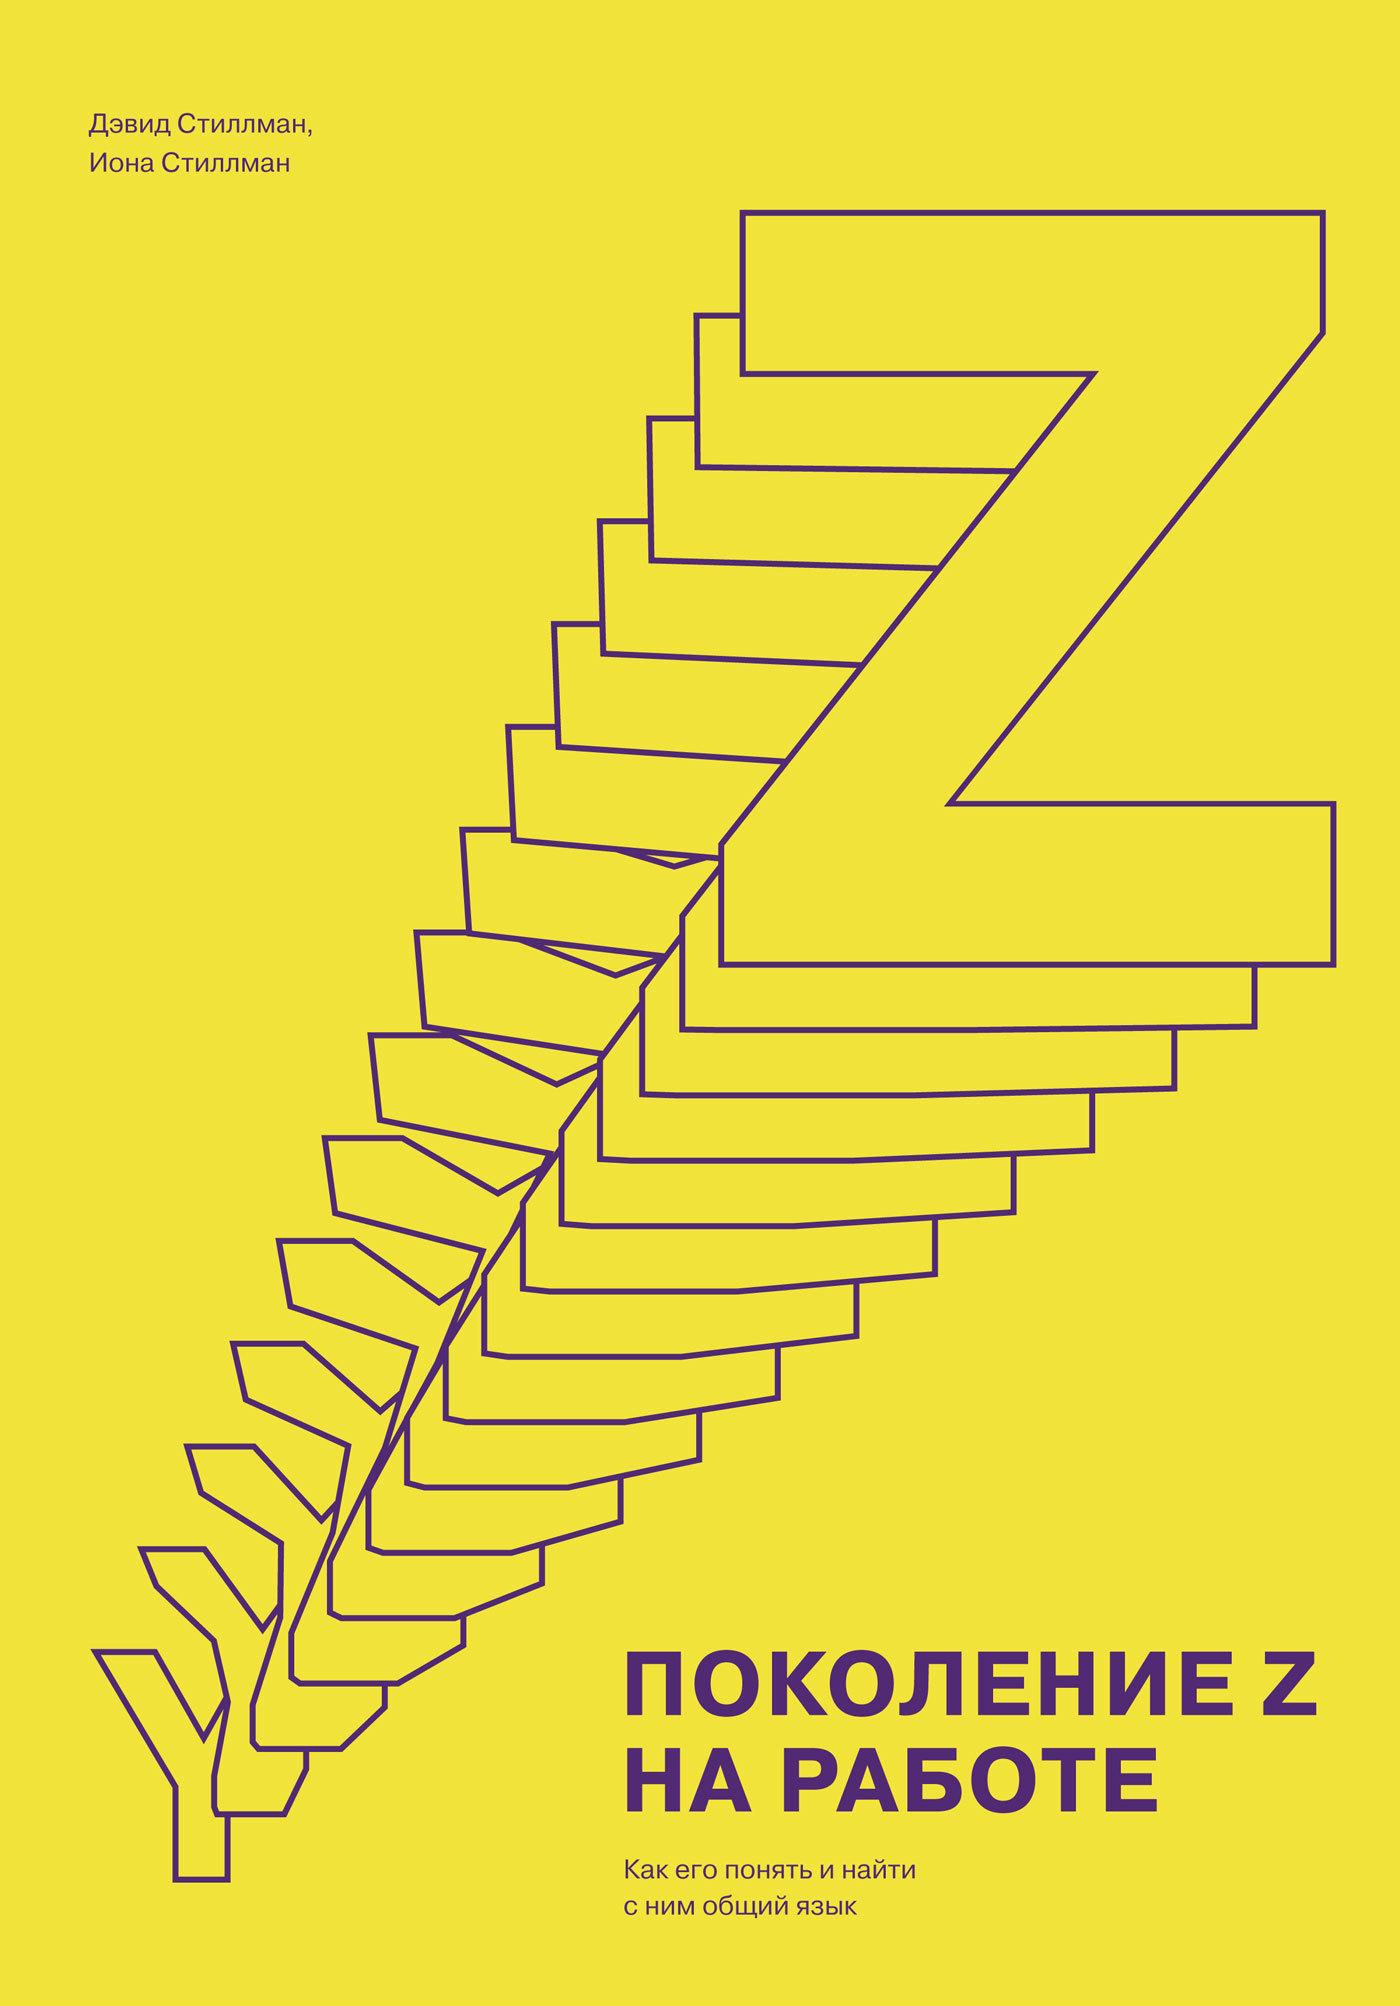 Обложка книги Поколение Z на работе. Как его понять и найти с ним общий язык